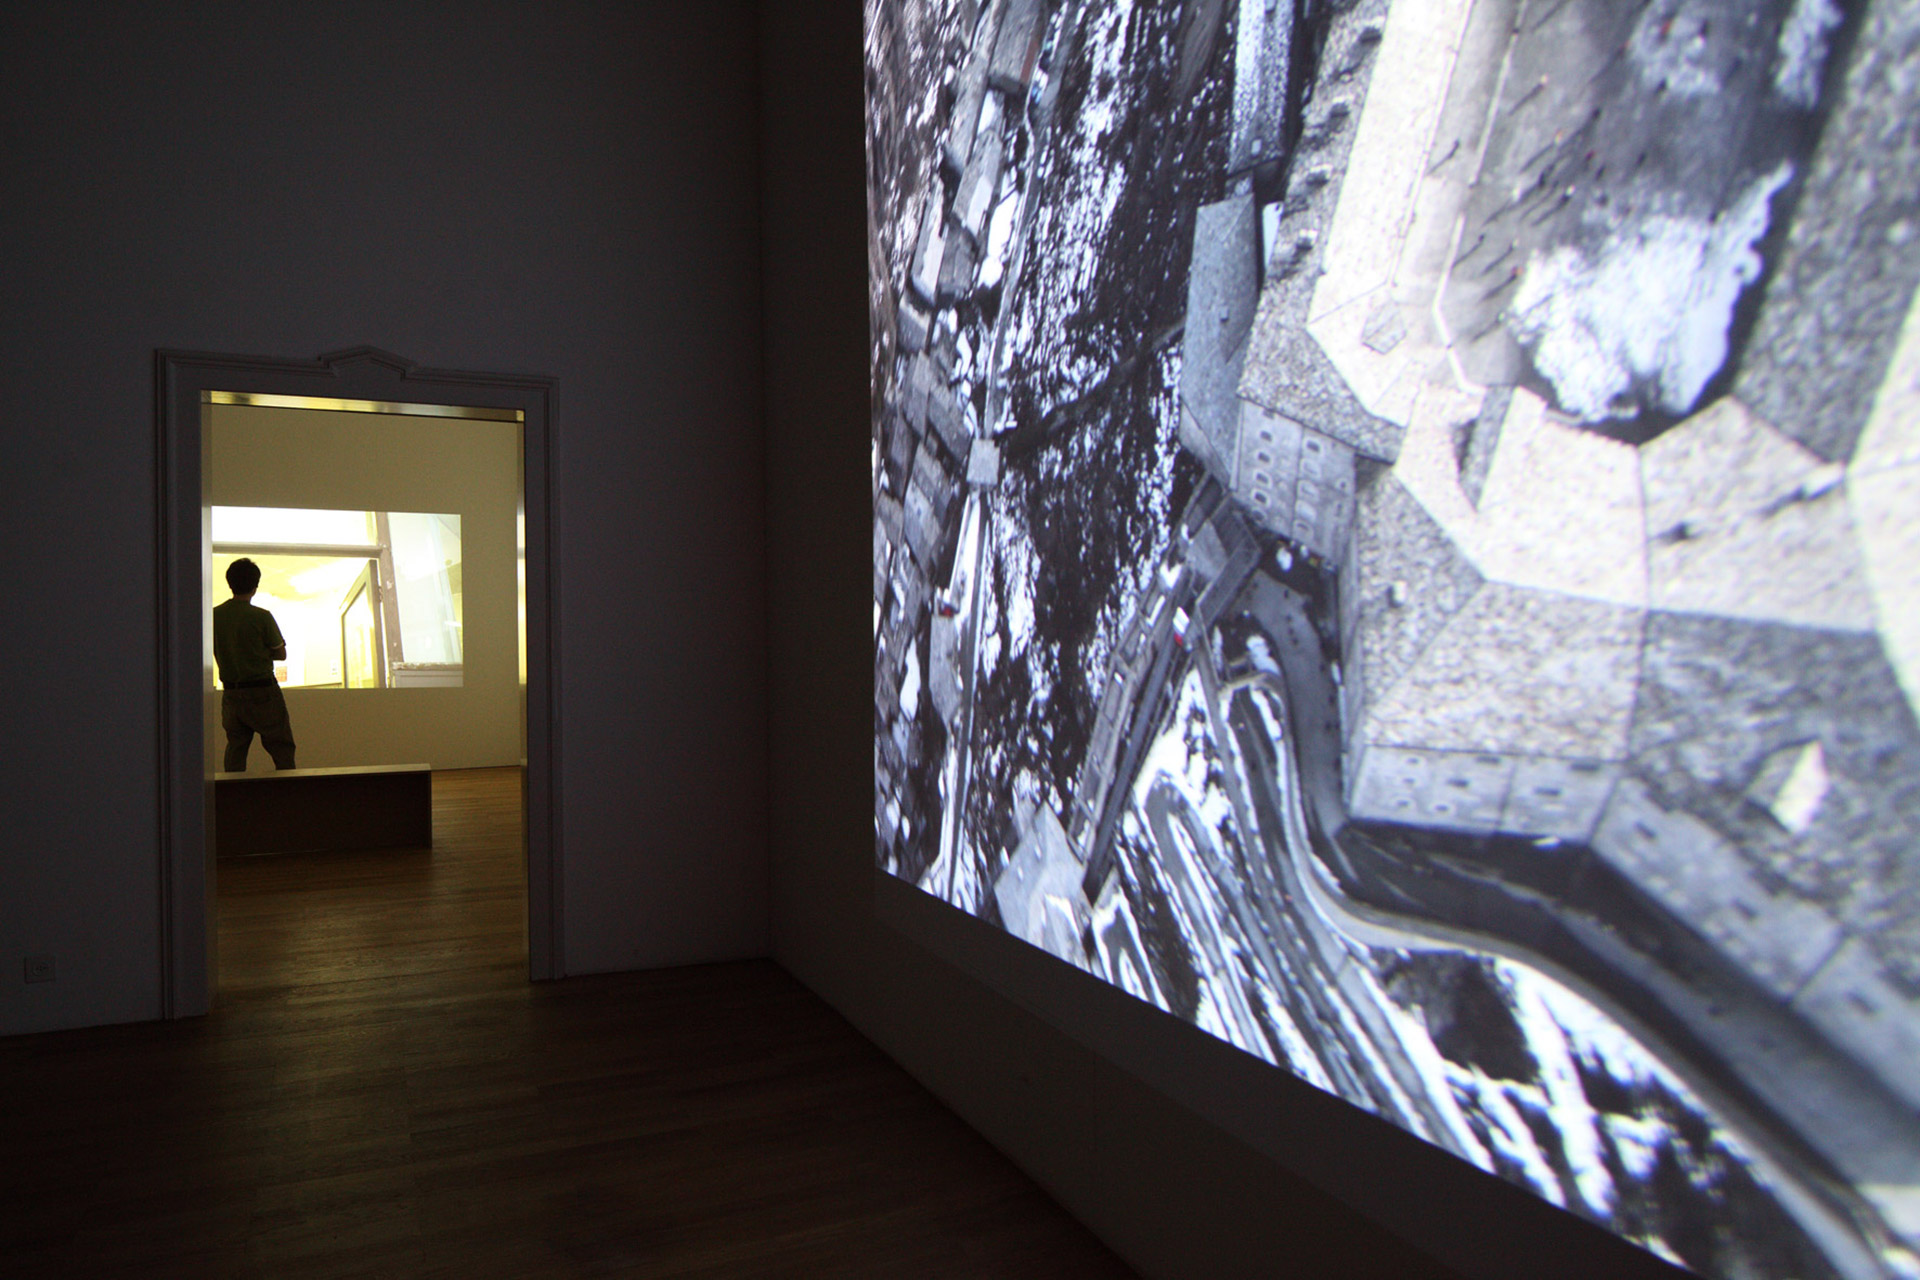 Mark-Lewis-Kunsthalle-Winterthur-2011-2.jpg